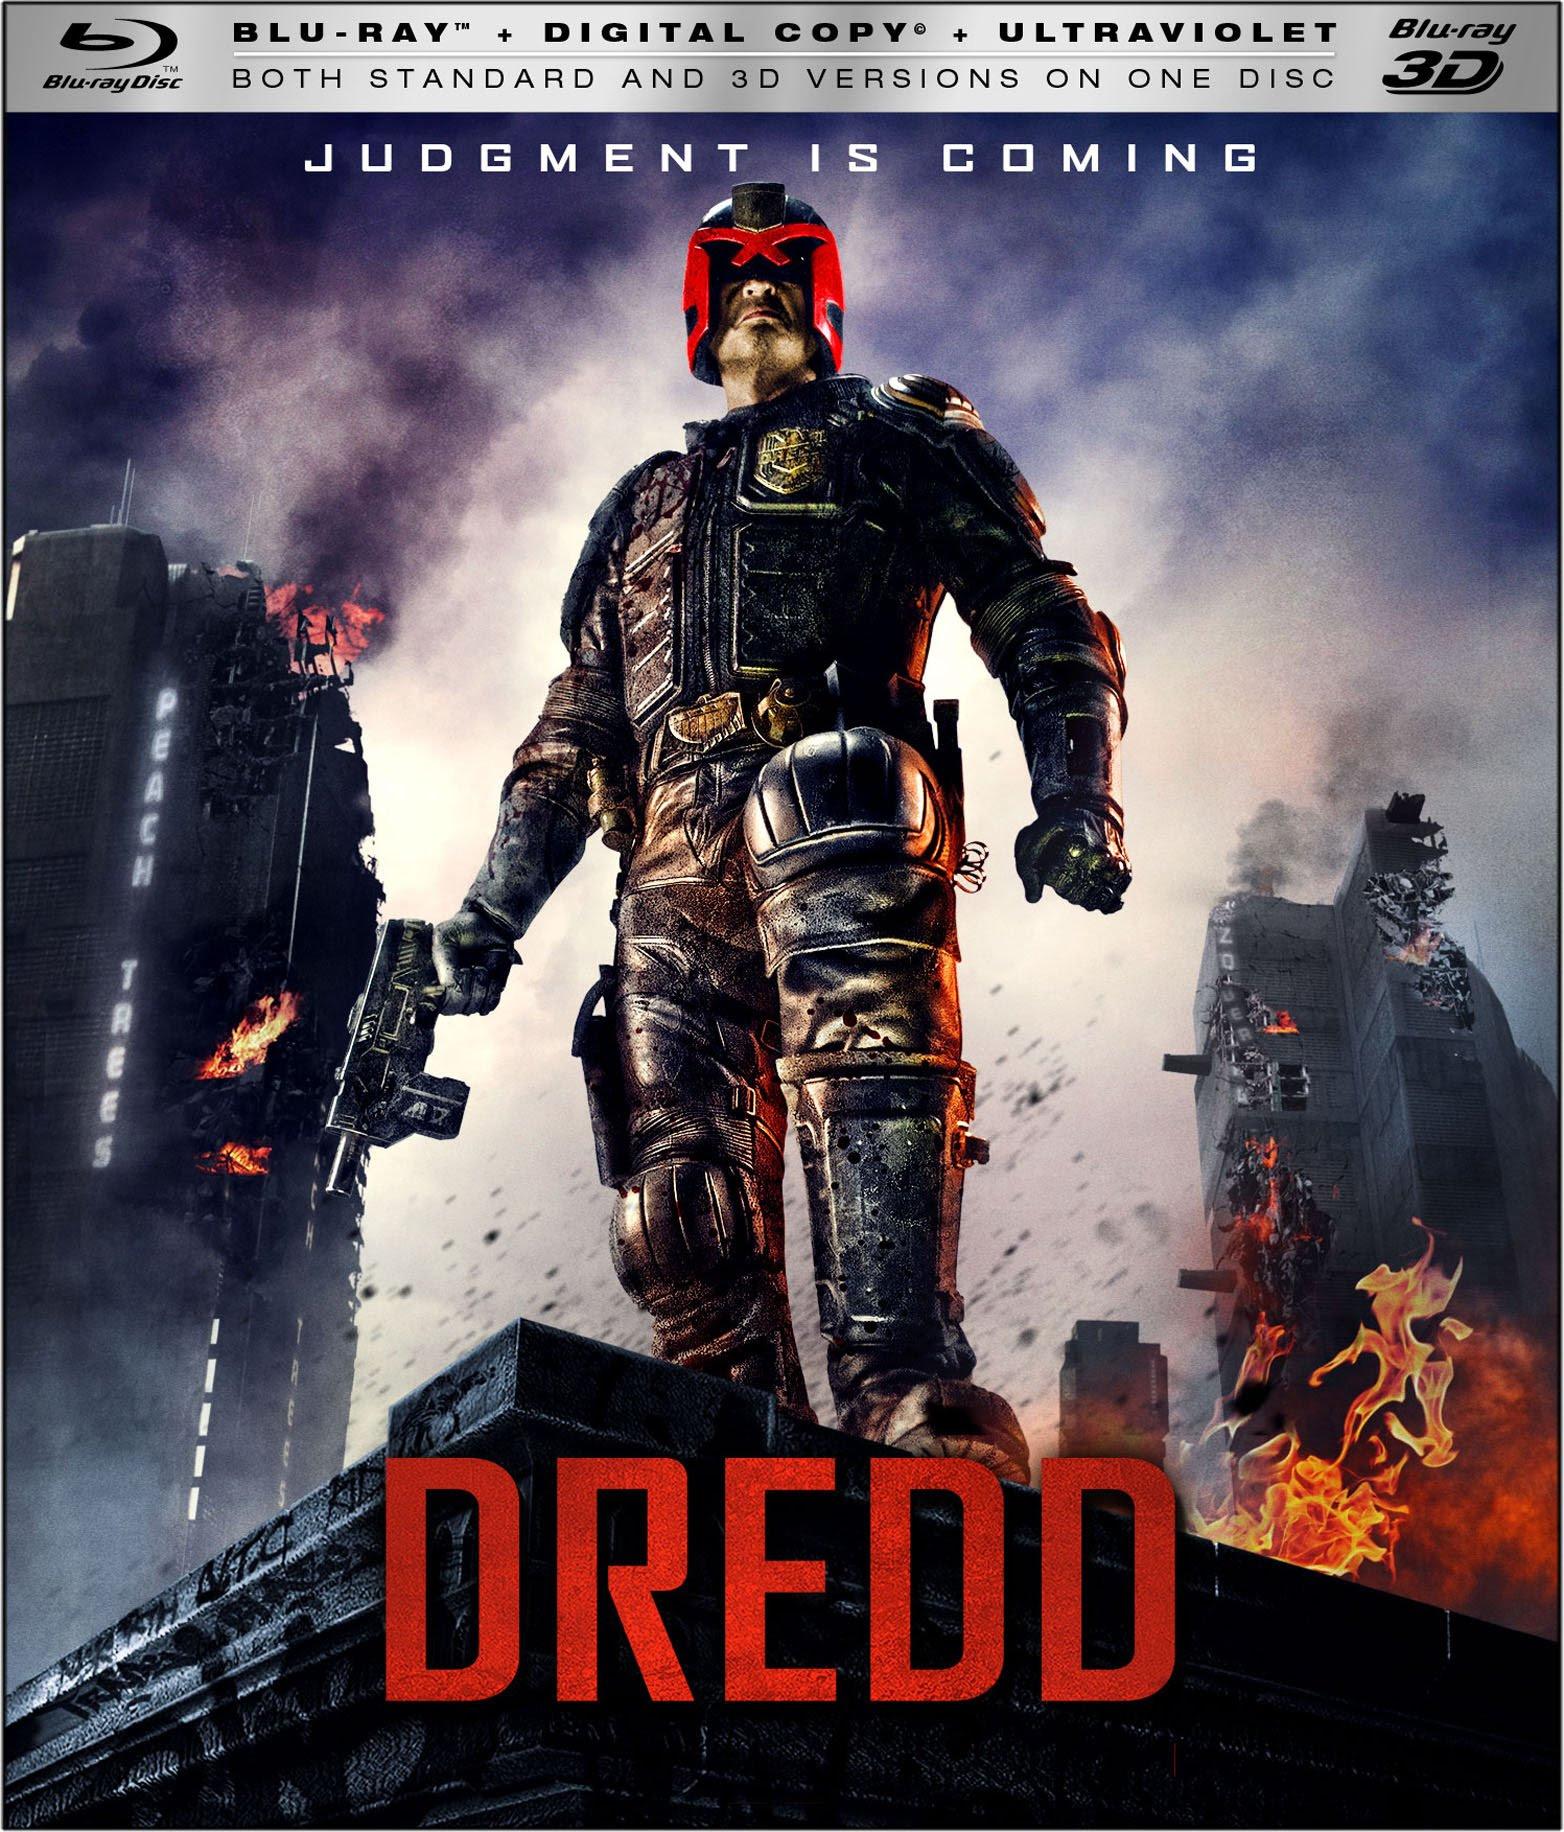 Watch Dredd 3D Movie Online Free 2012